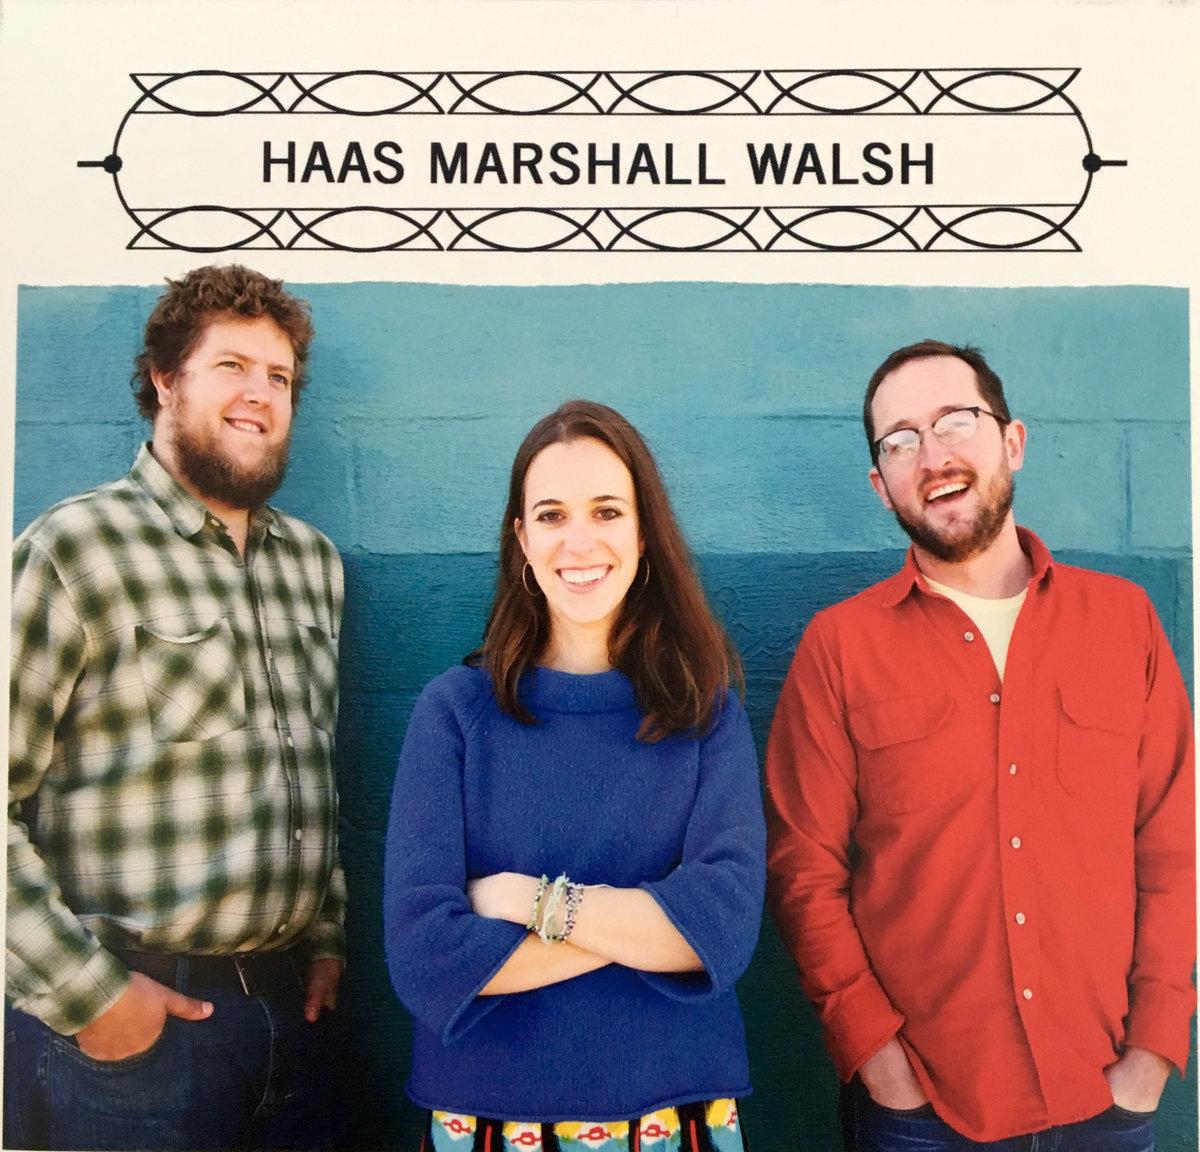 HaasMarshallWalsh.jpg